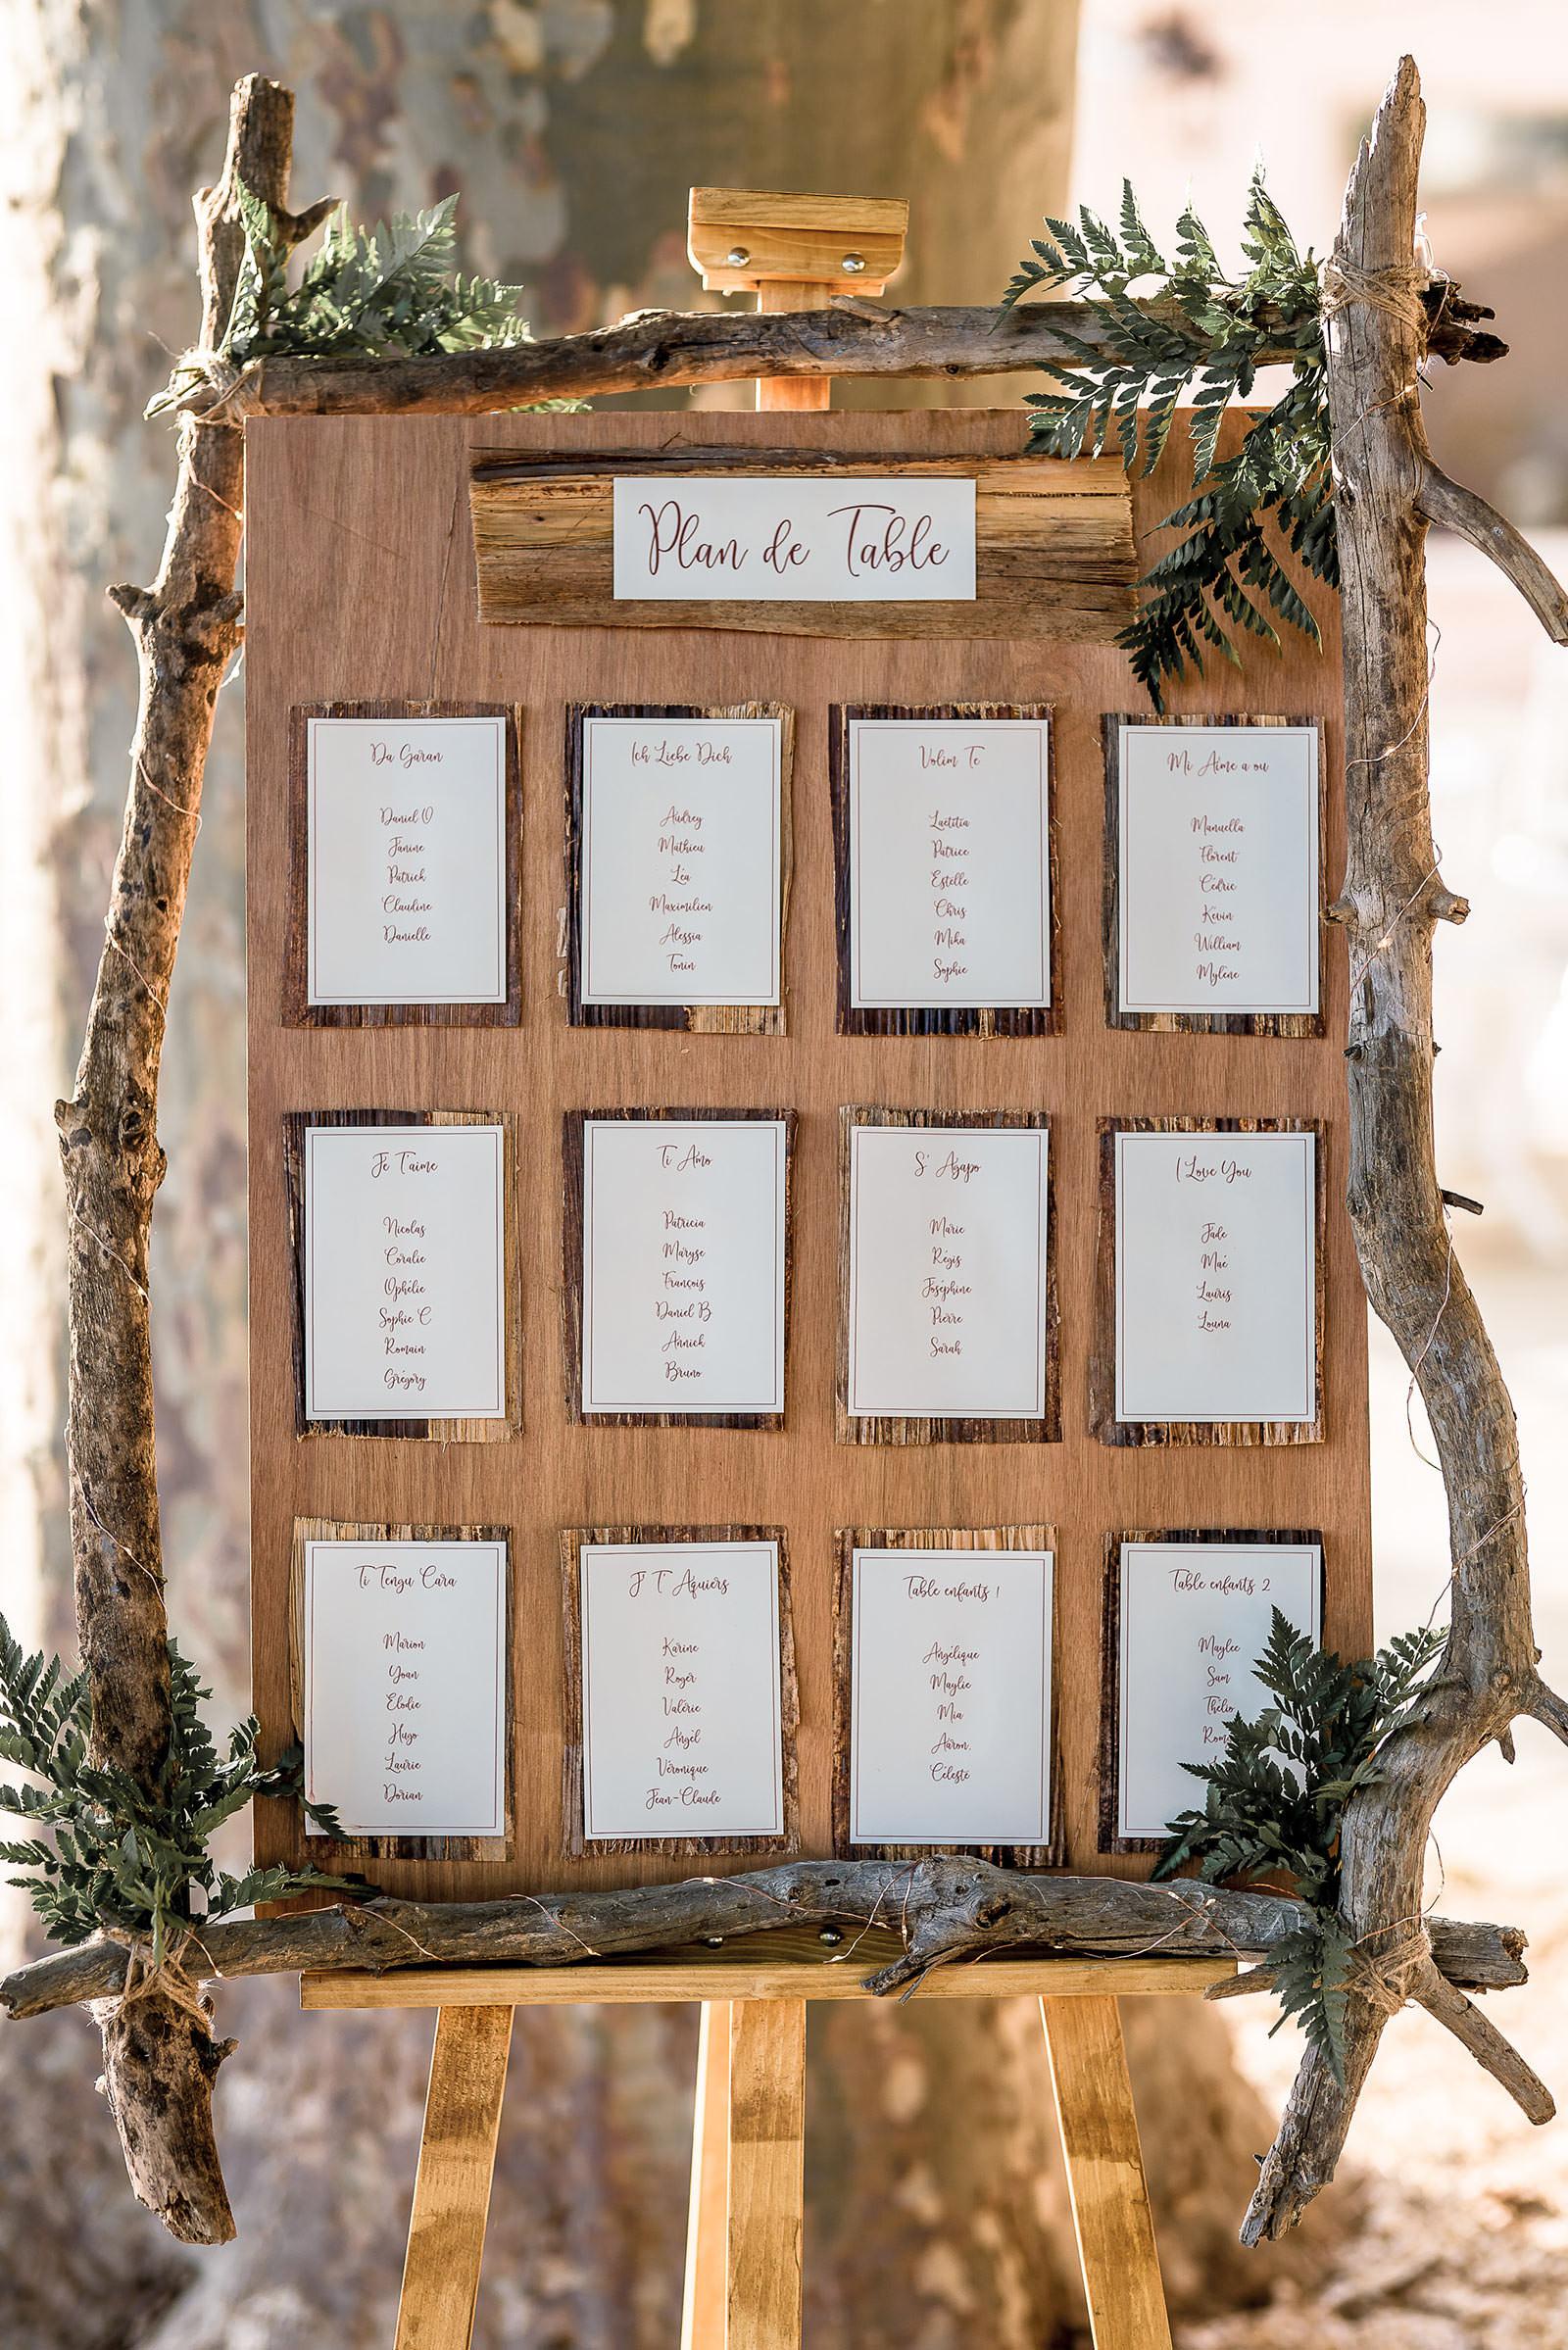 Plan de table thème nature